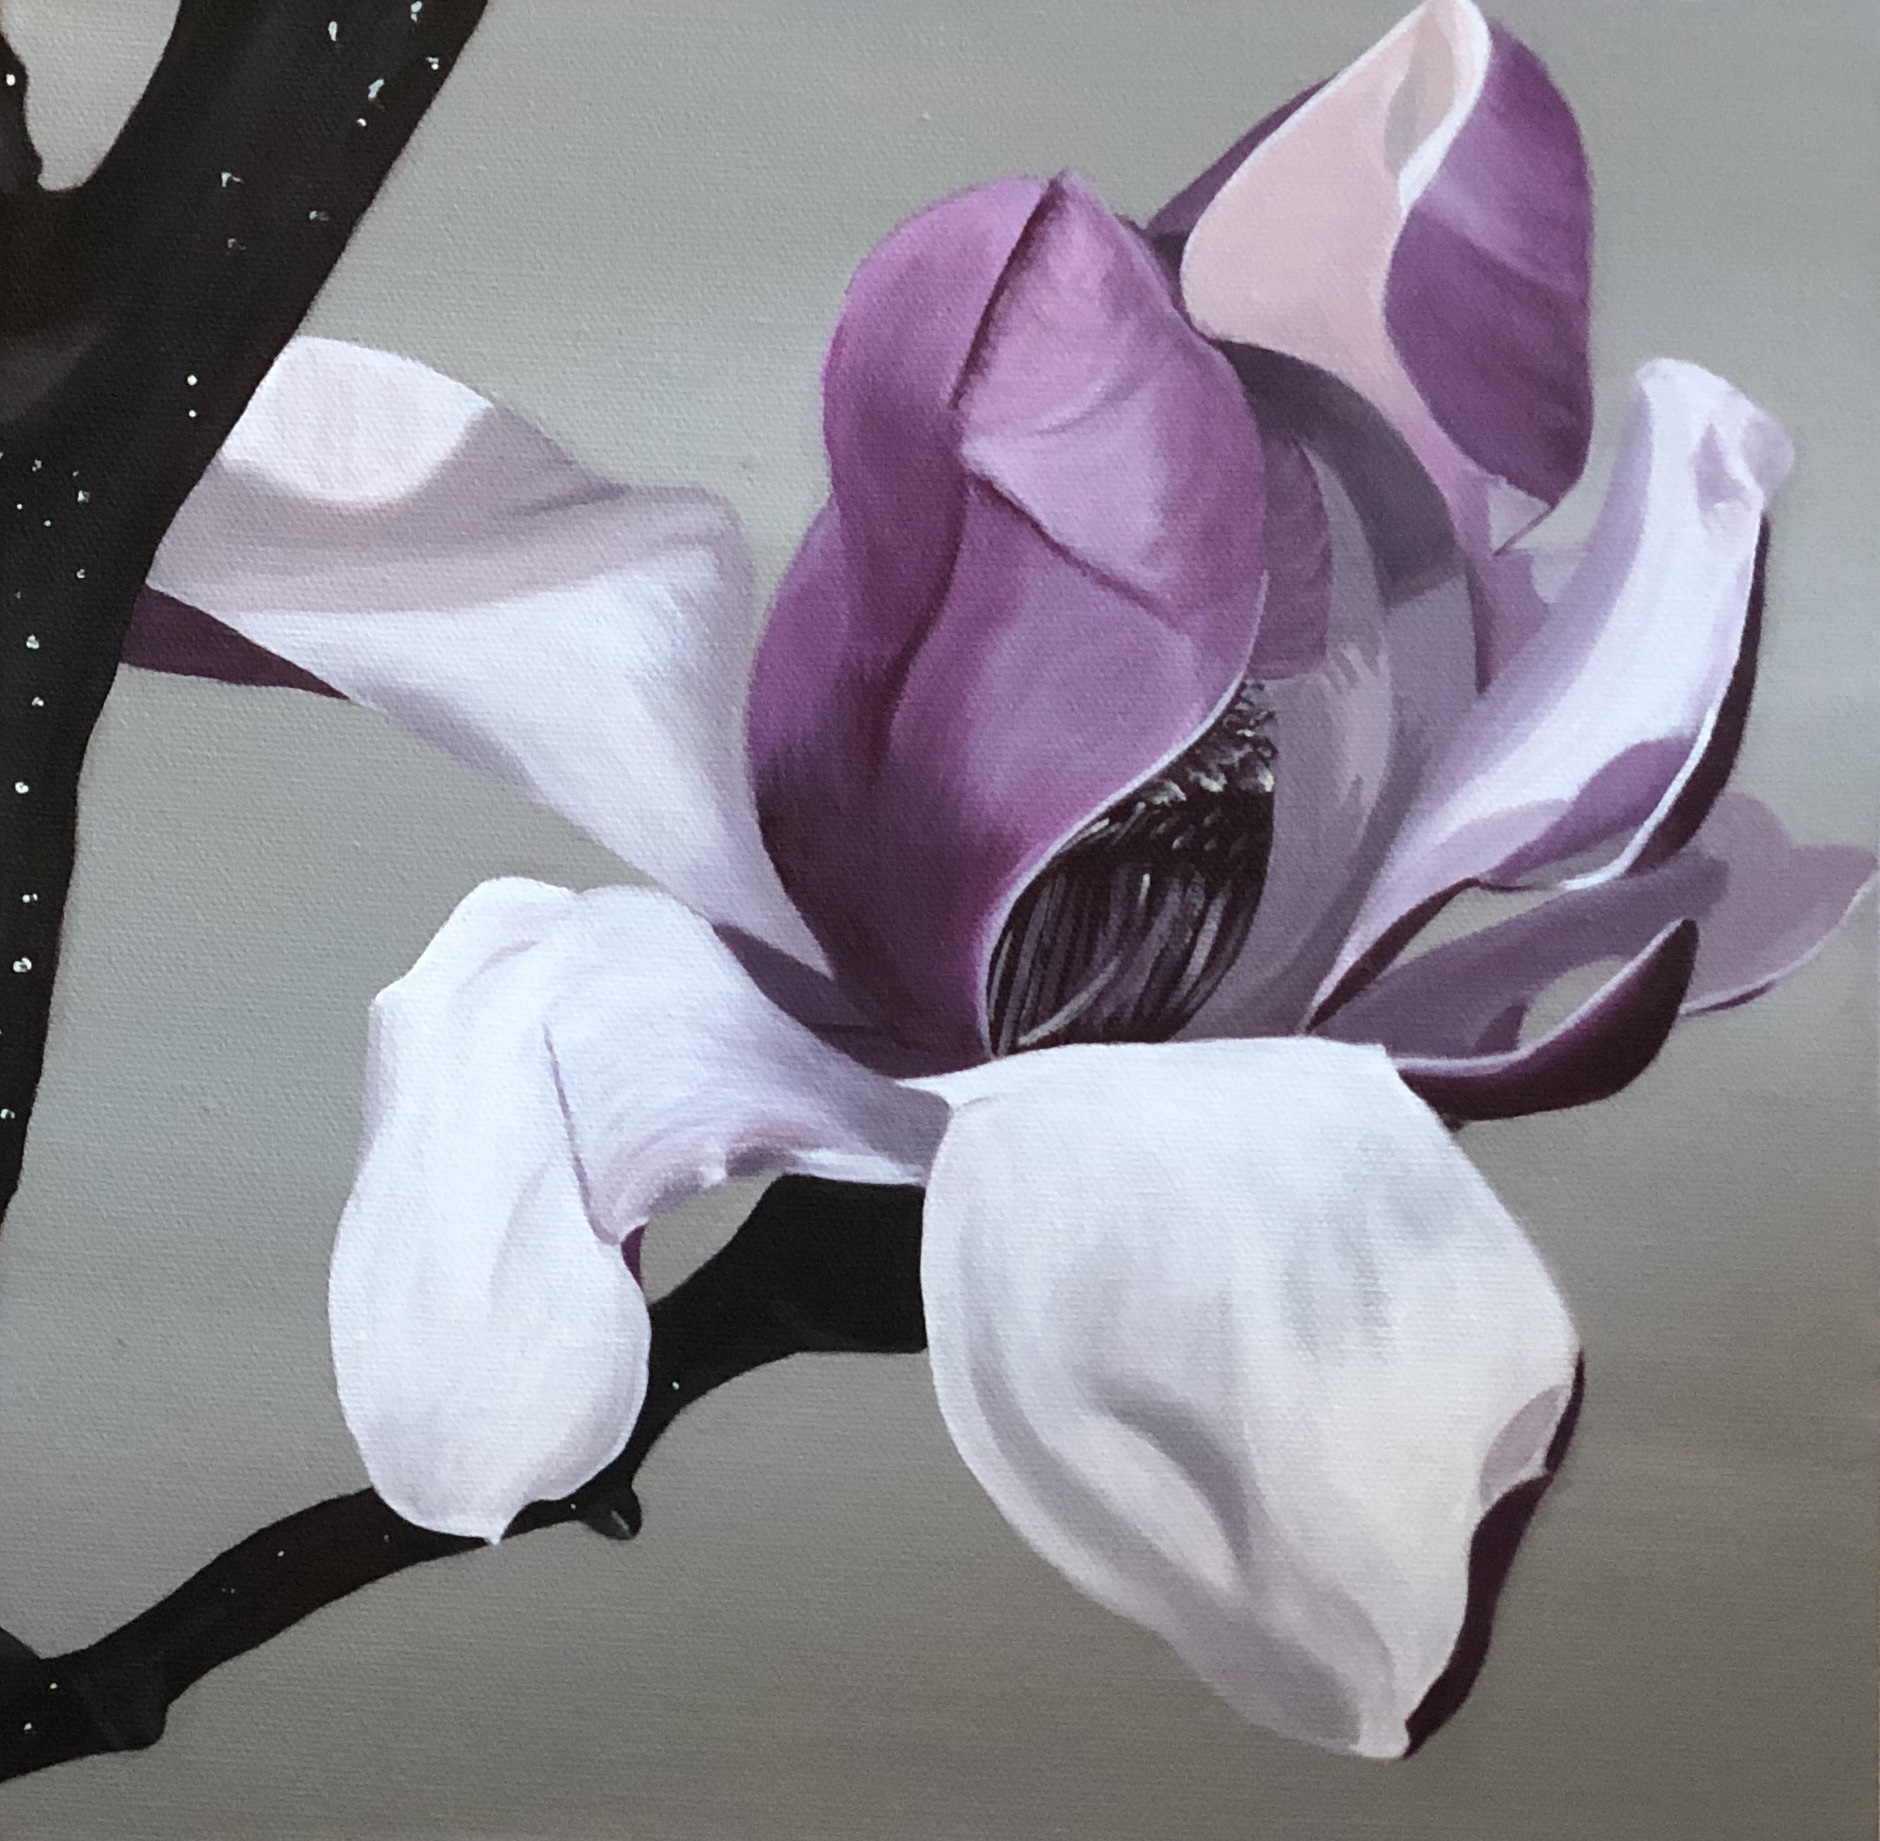 Magnolia #1